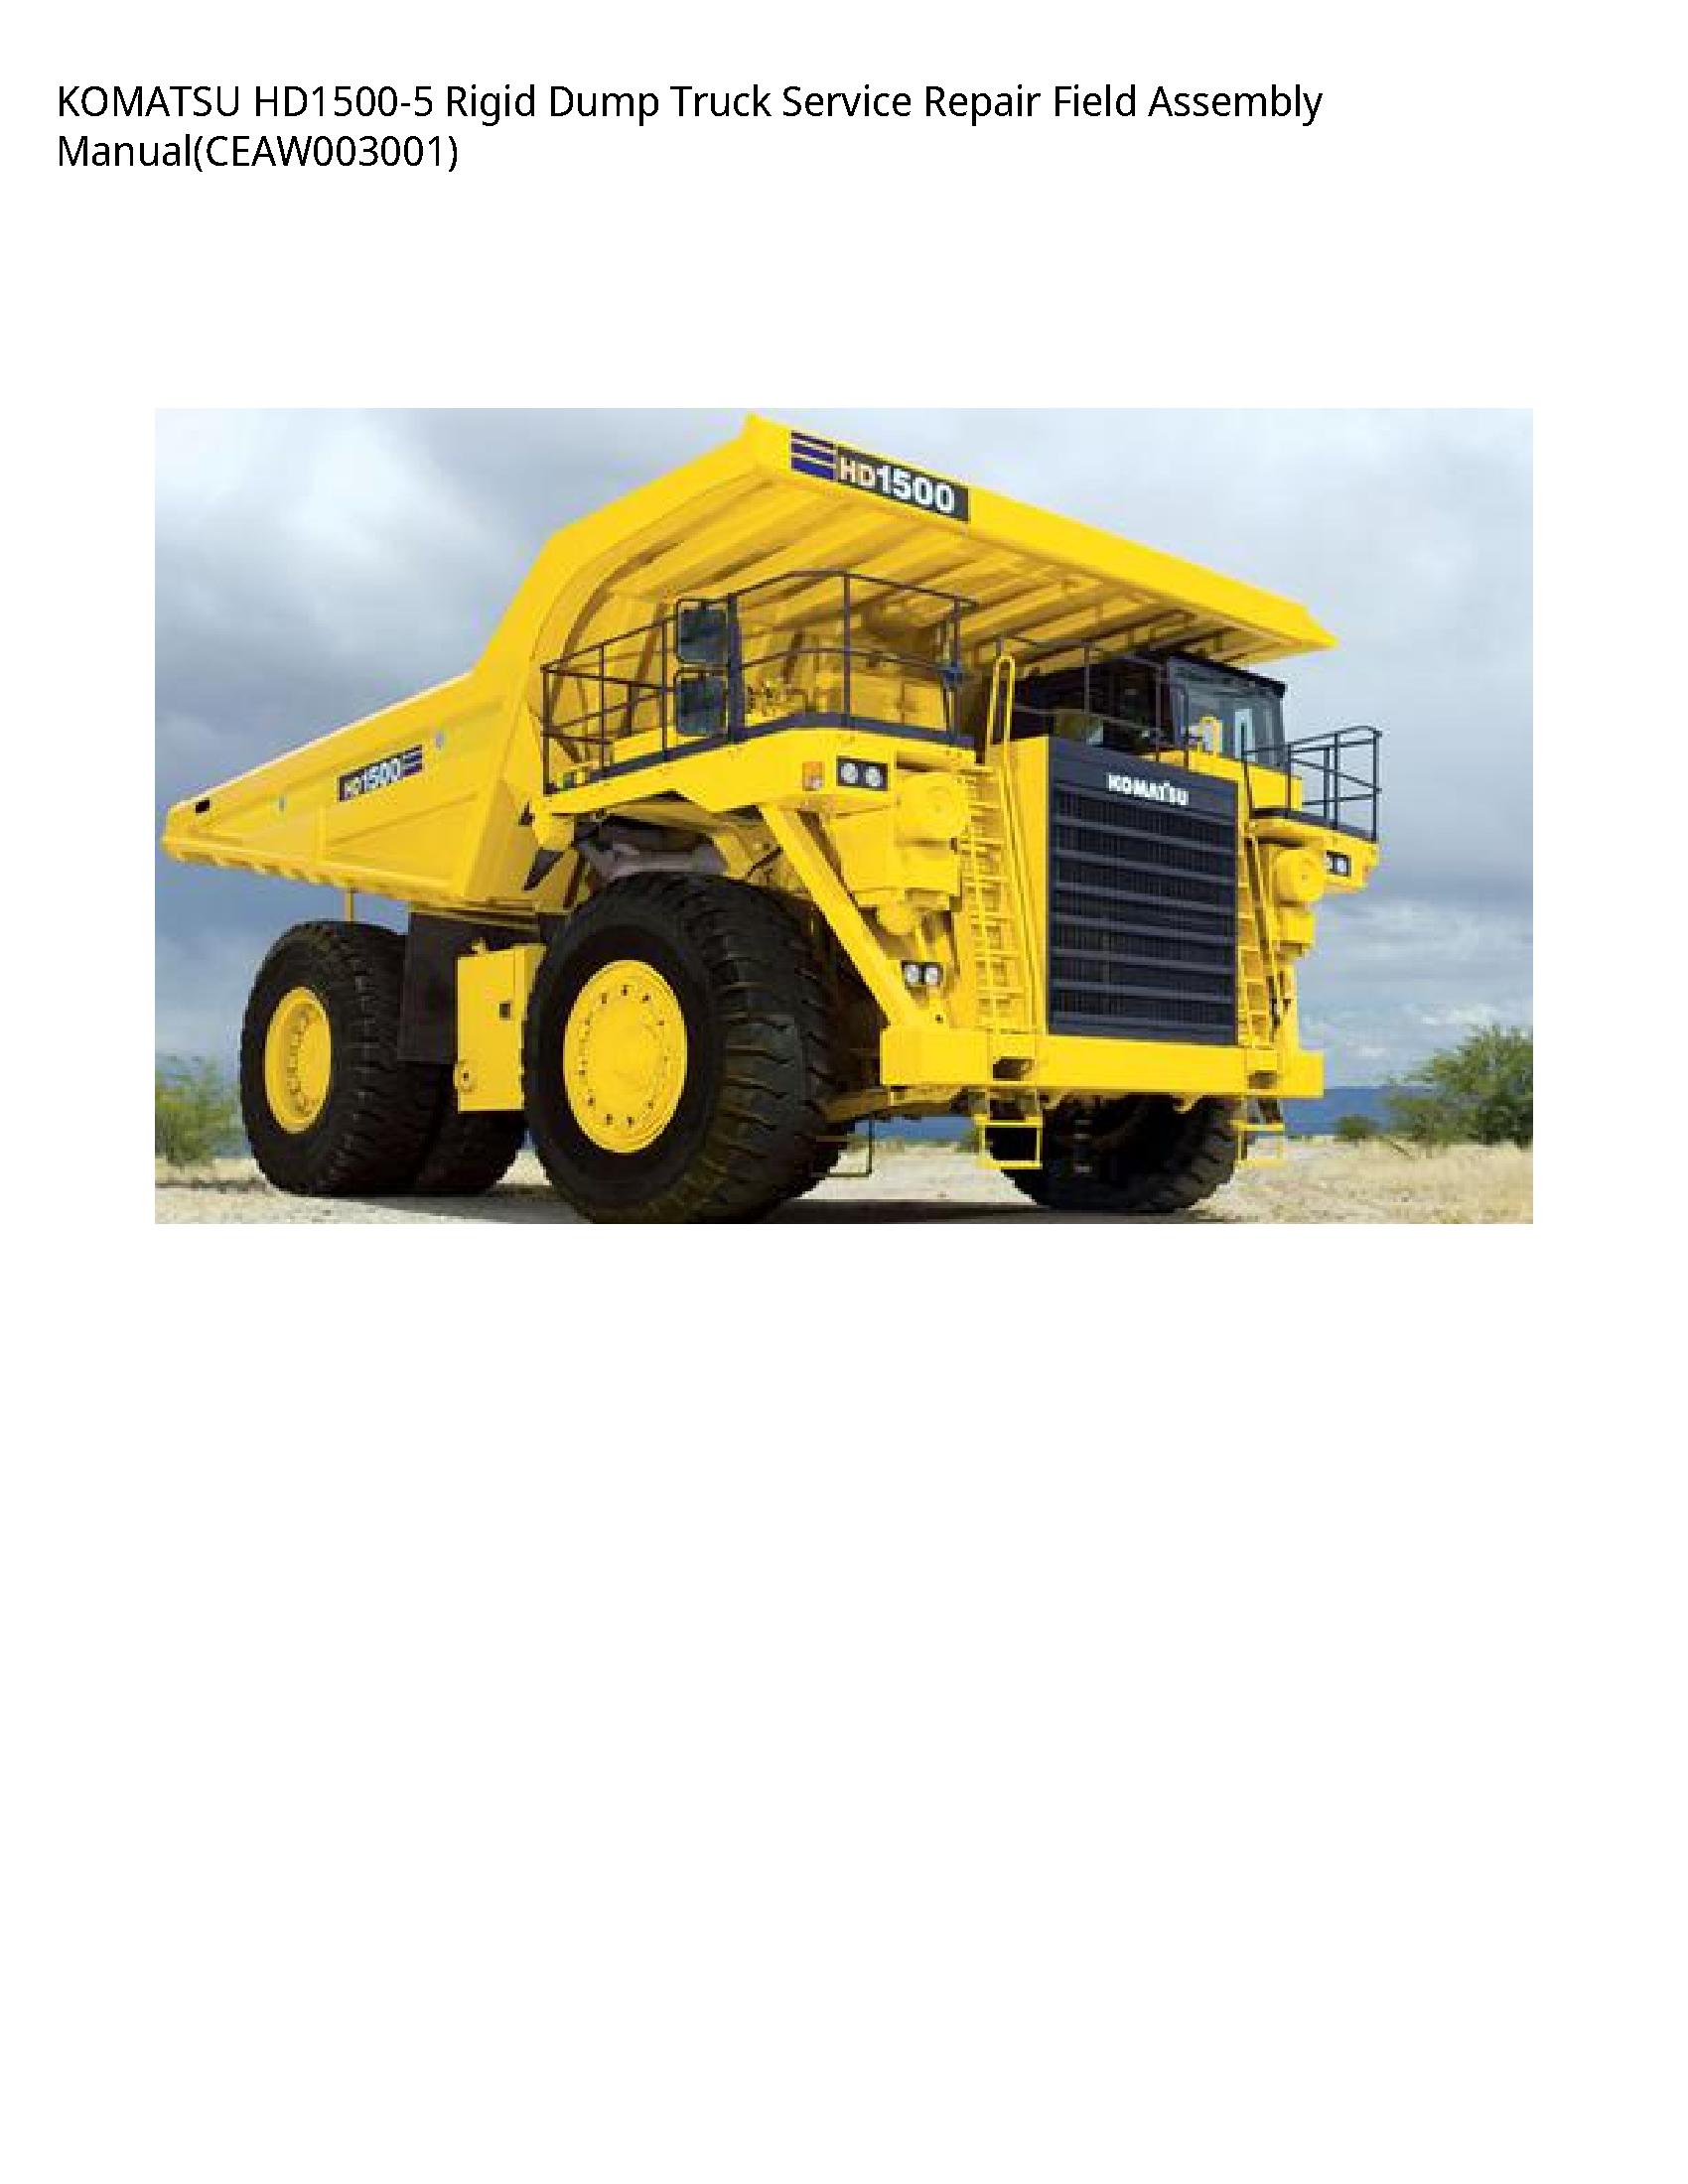 KOMATSU HD1500-5 Rigid Dump Truck manual